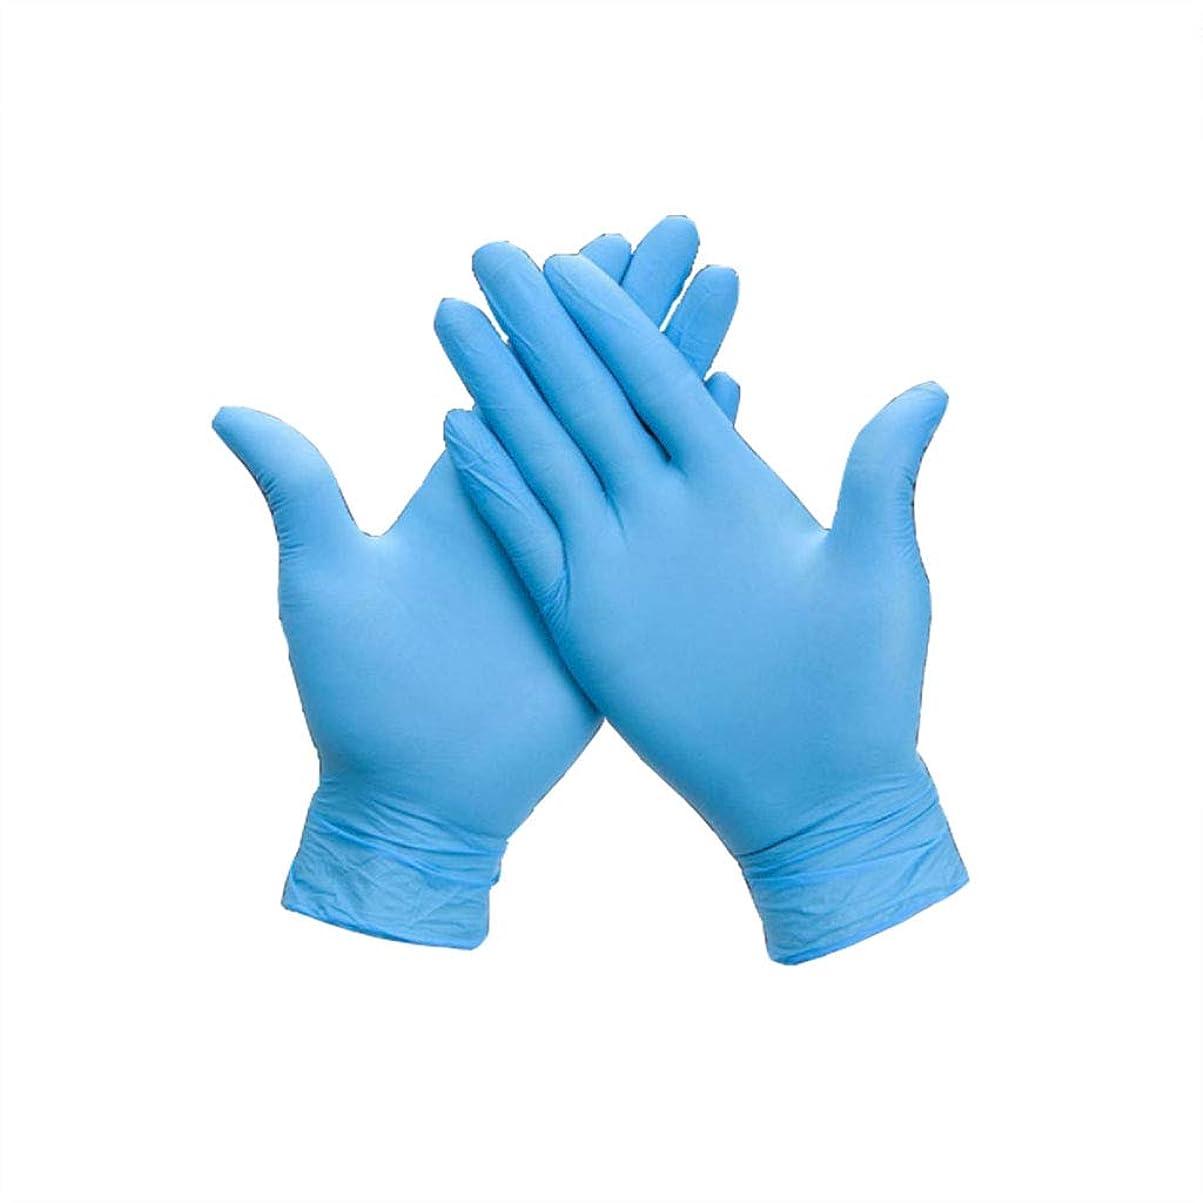 訪問家庭教師パラシュート手袋使い捨ての健康診断ニトリル手袋食品グレード輸入青粉フリー丁清の手袋200 (サイズ さいず : L l)